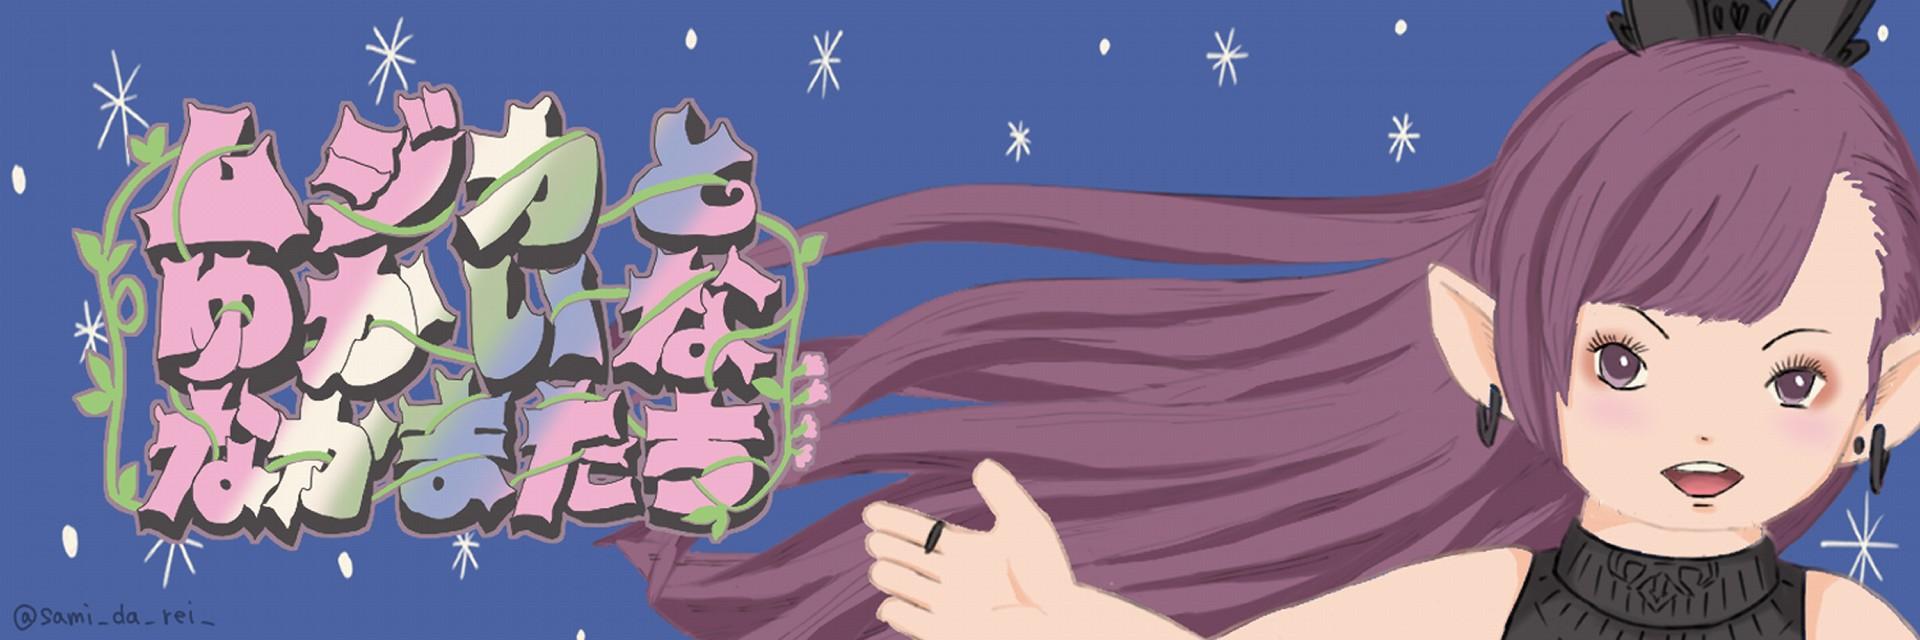 f:id:ryoushitsu-musica:20210722195405j:image